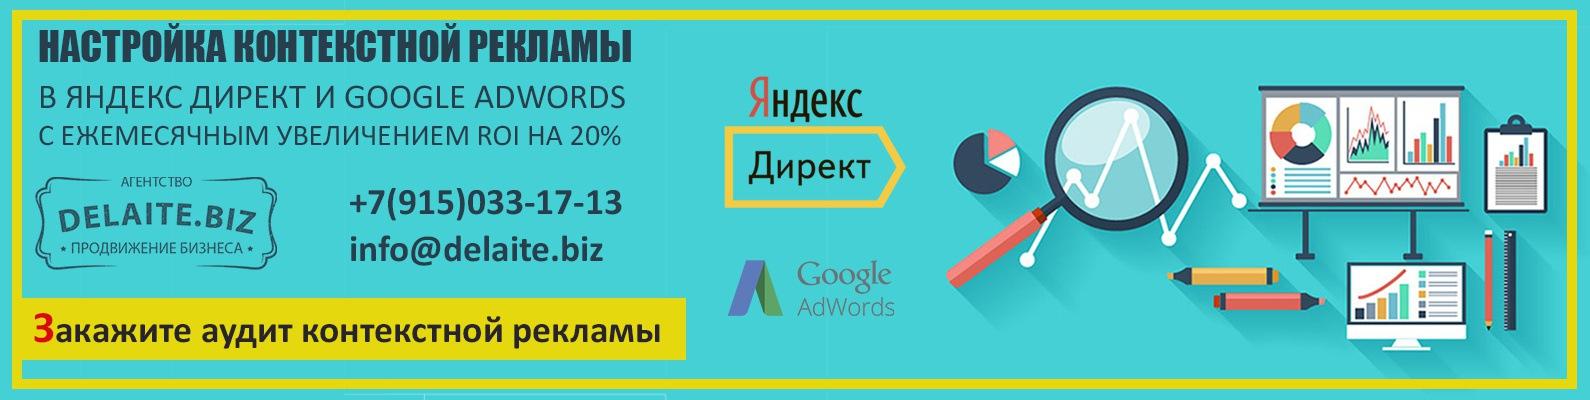 Автоматизация создания контекстной рекламы в яндекс директ